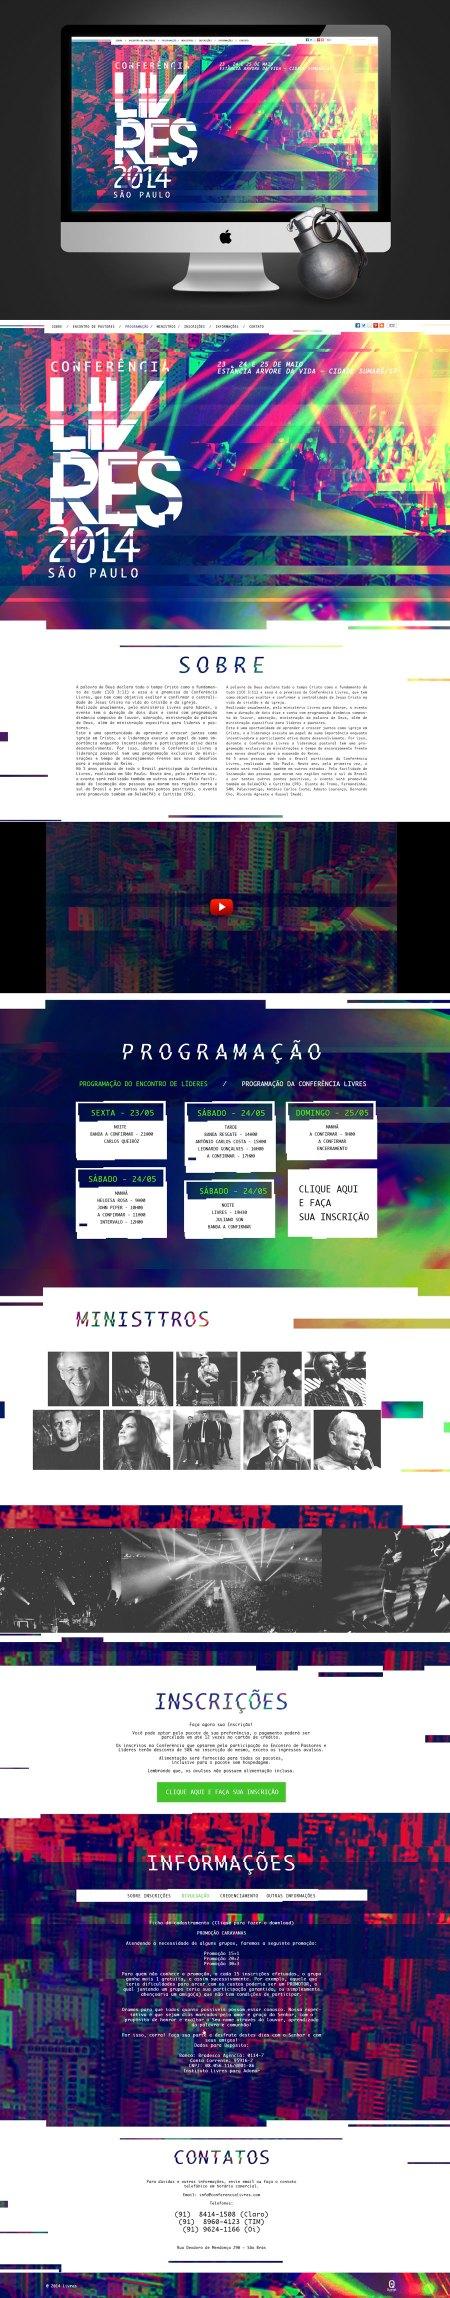 Site Conferência Livres 2014